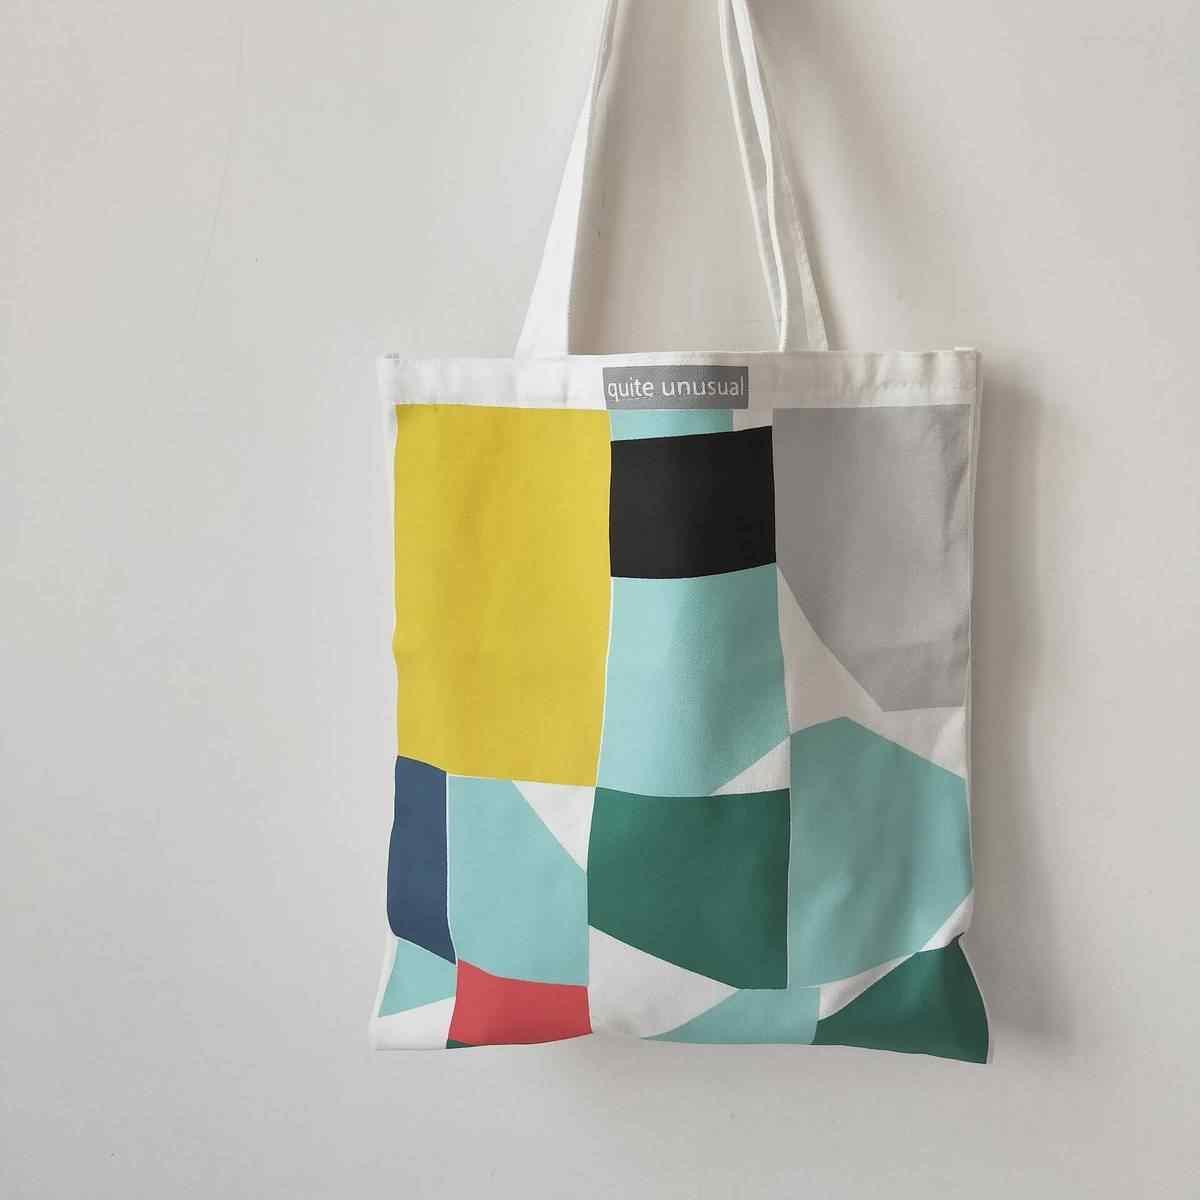 347be0d0a4a3 Женская Холщовая Сумка-тоут Повседневная тканевая пляжная сумка  многоразовая сумка для покупок эко складная сумка